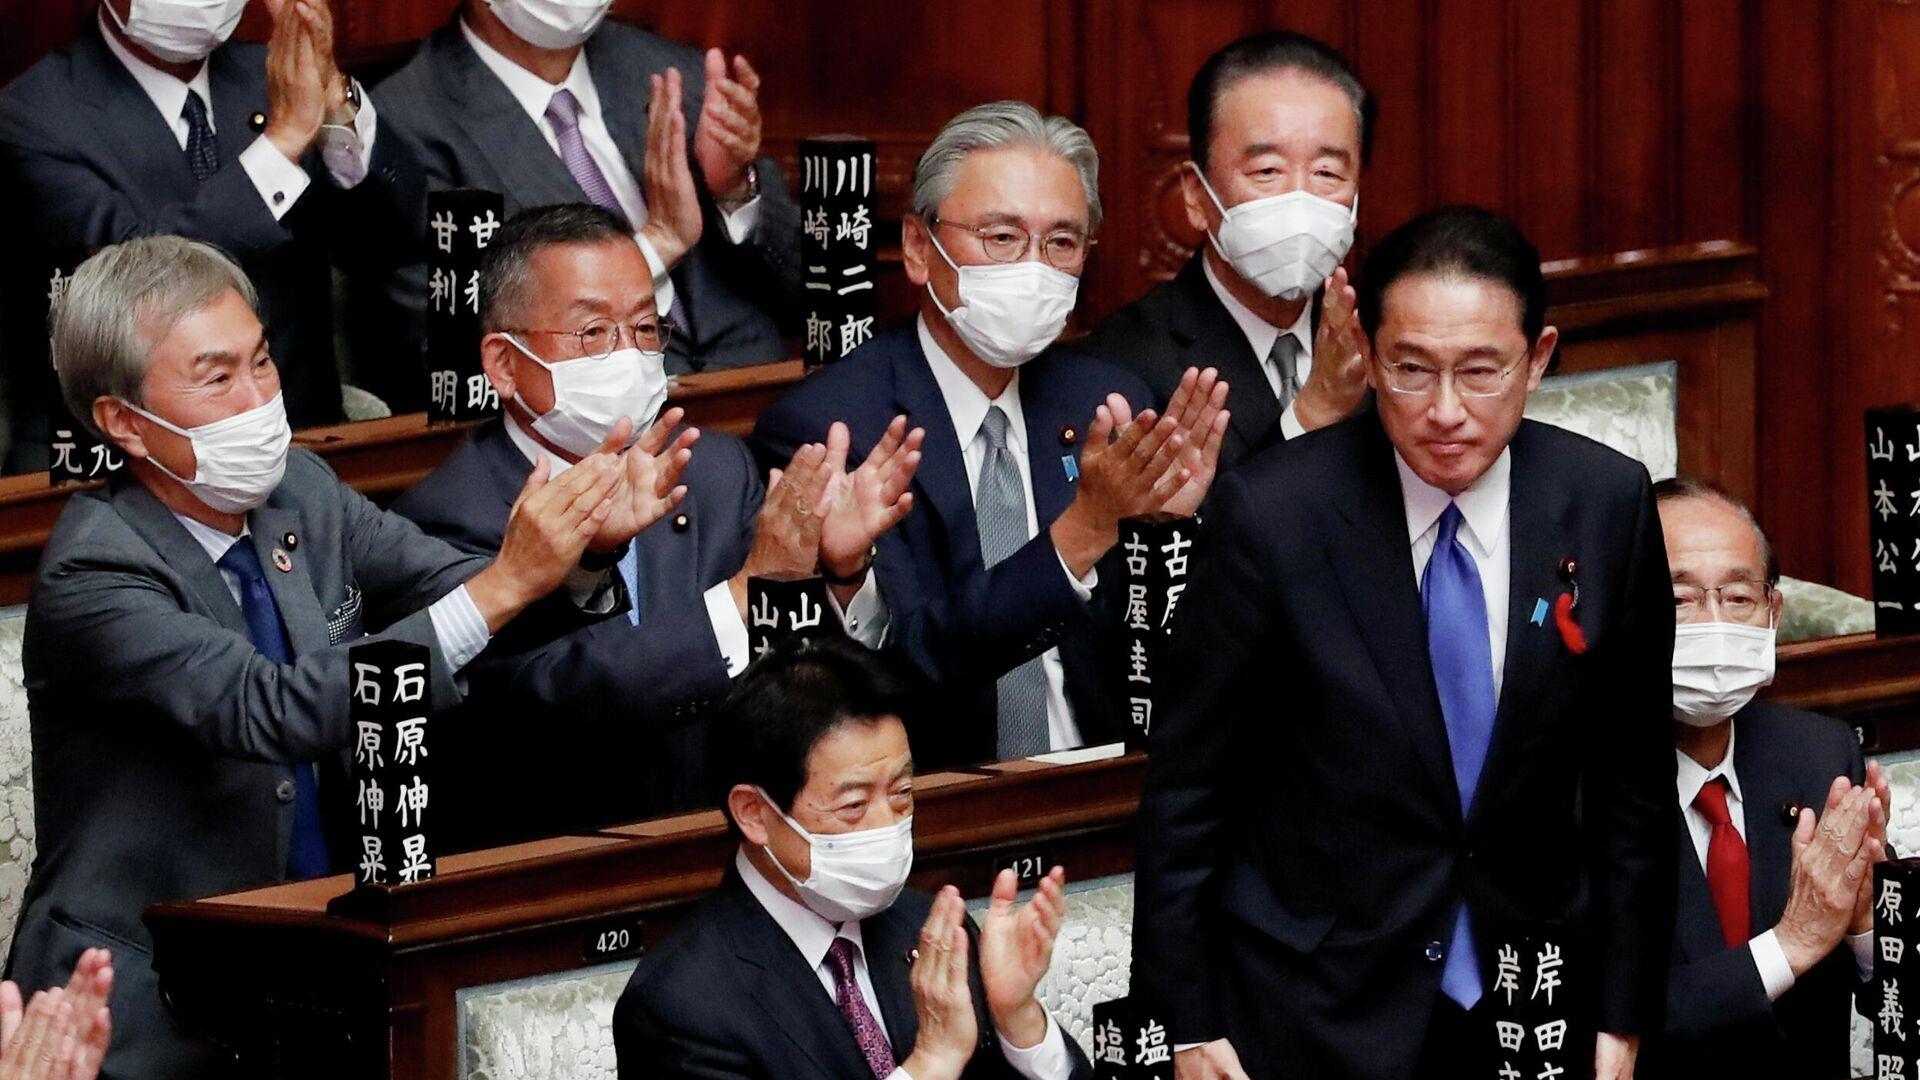 Новый премьер-министр Японии Фумио Кисида на заседании парламента в Токио, Япония - РИА Новости, 1920, 04.10.2021